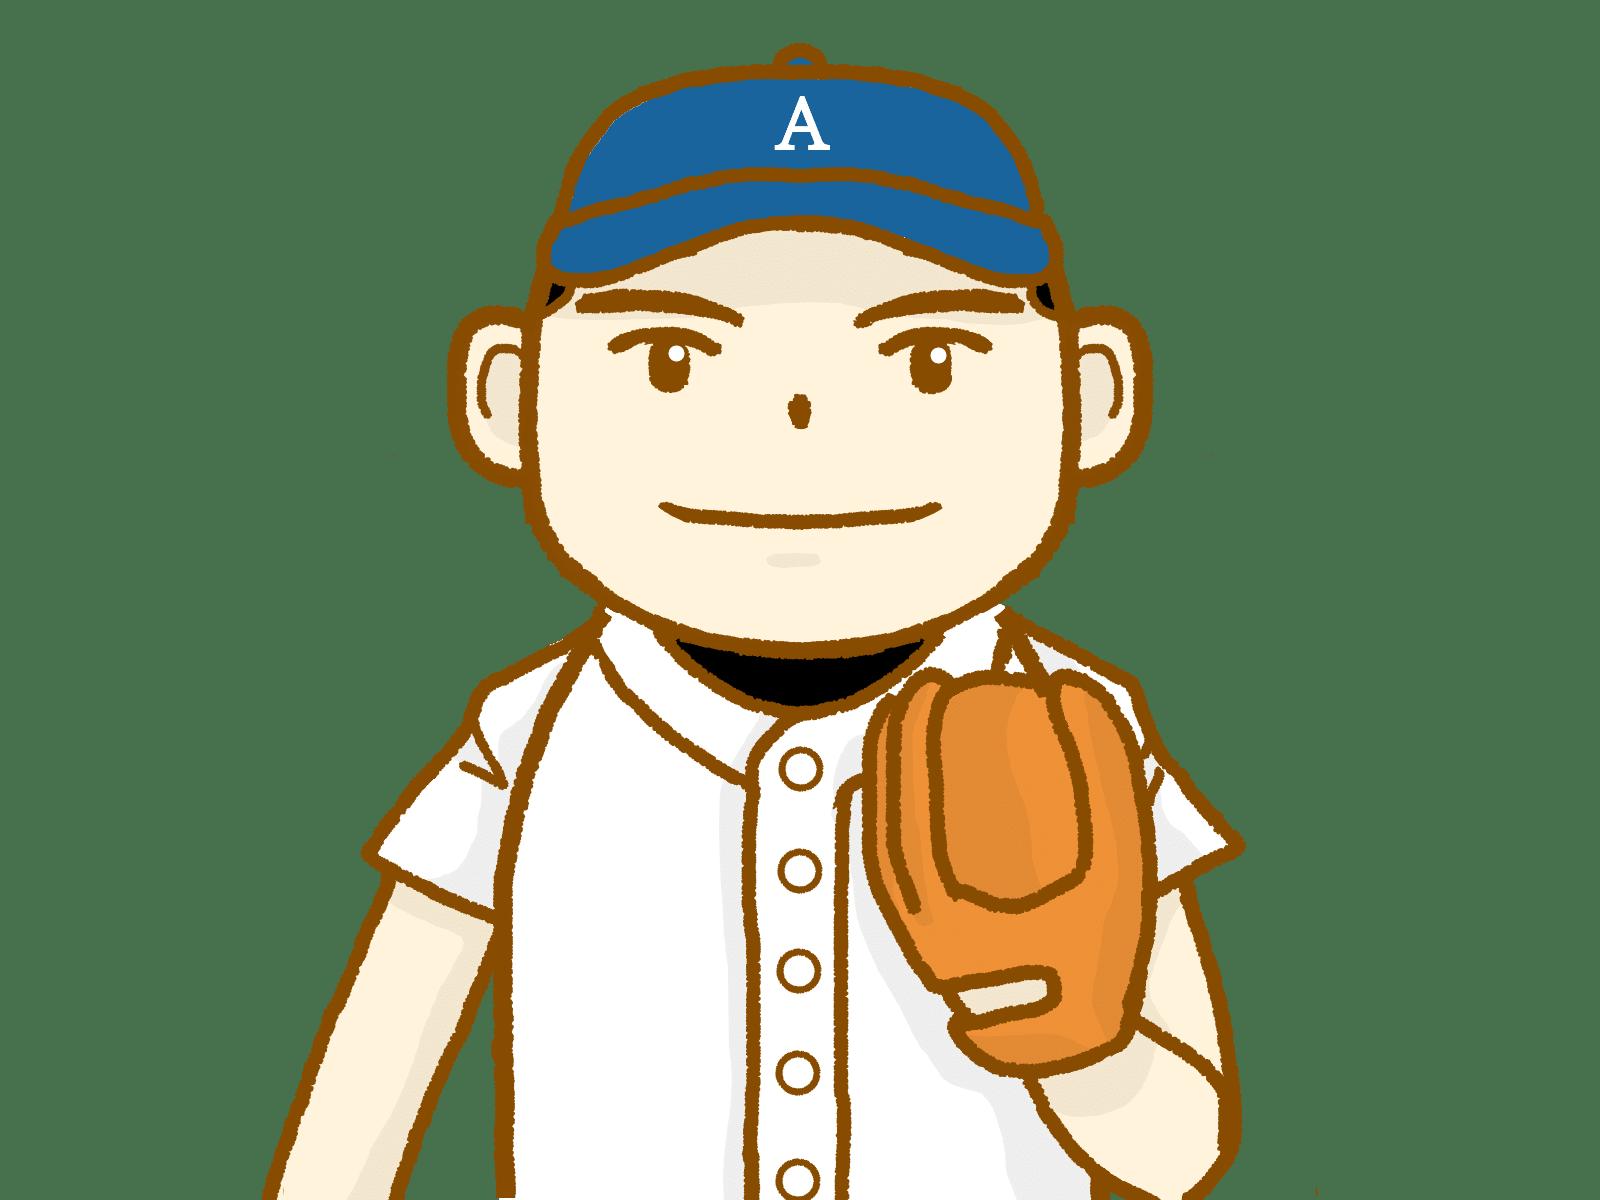 乗田元気の中学校や出身クラブは?身長や球速と捕手の経歴も調査!